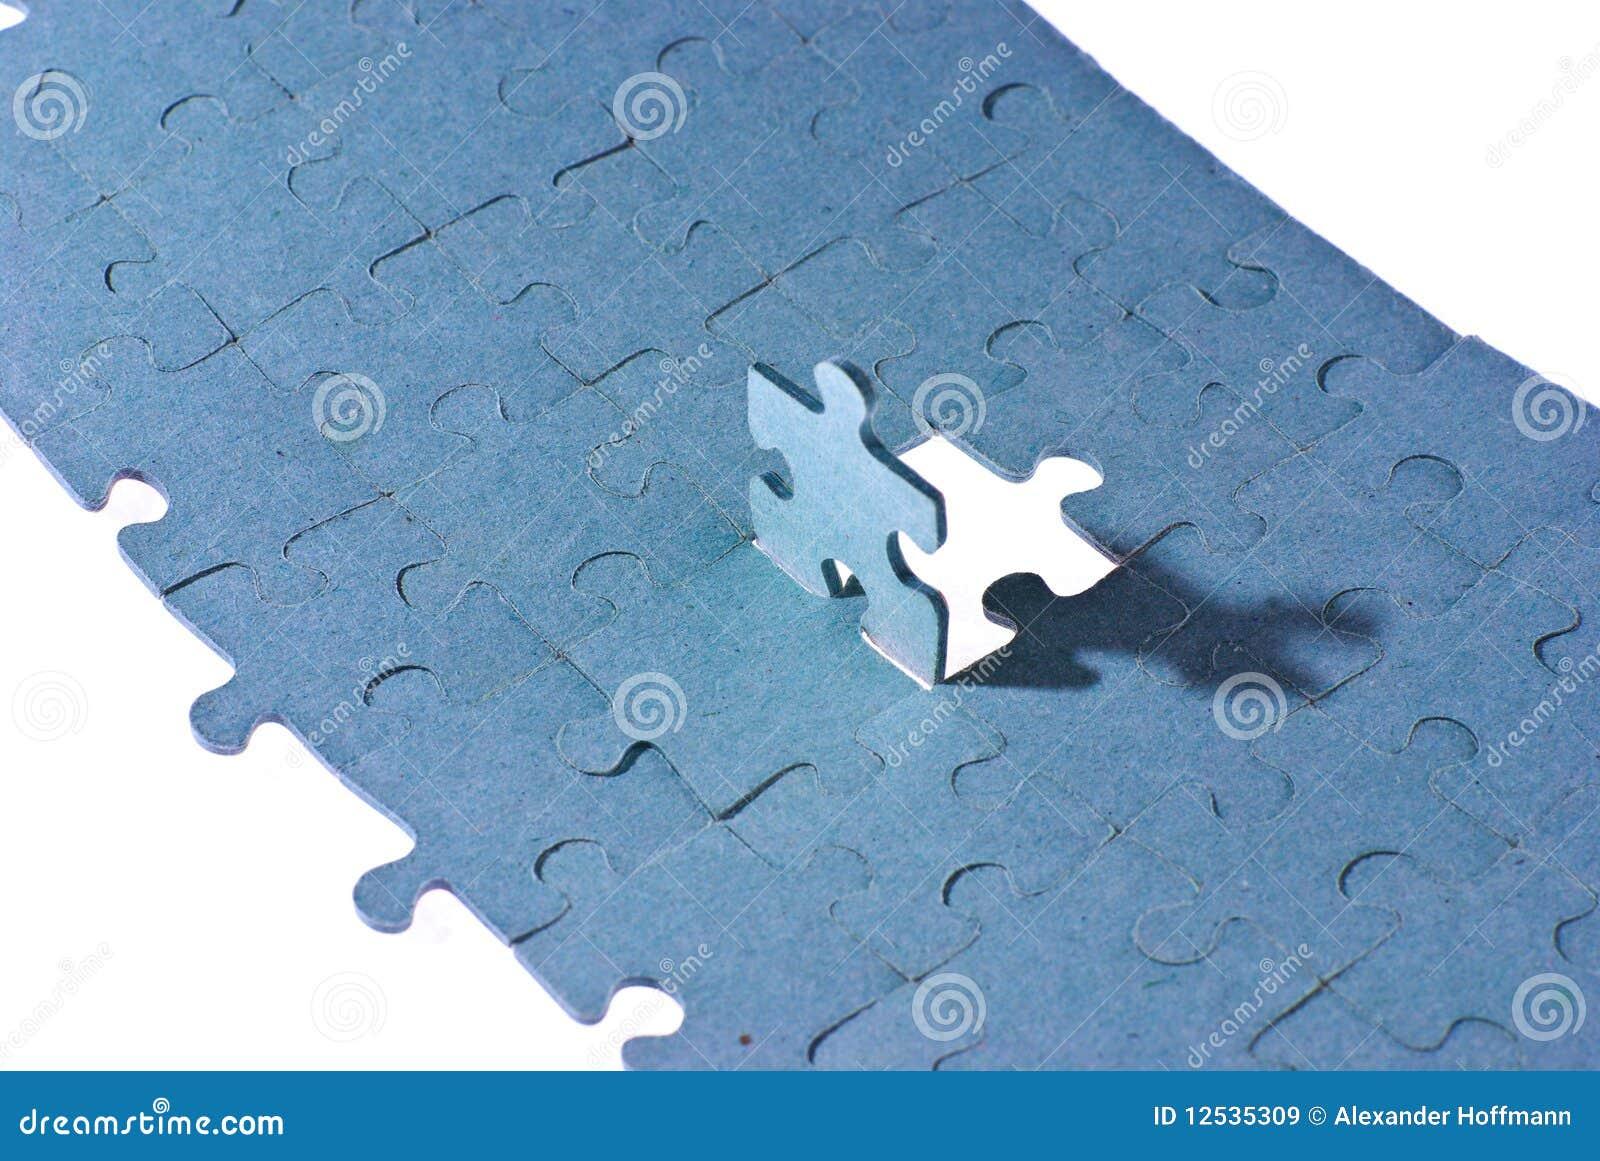 Puzzle immagini stock libere da diritti immagine 12535309 - Collegamento stampabile un puzzle pix ...